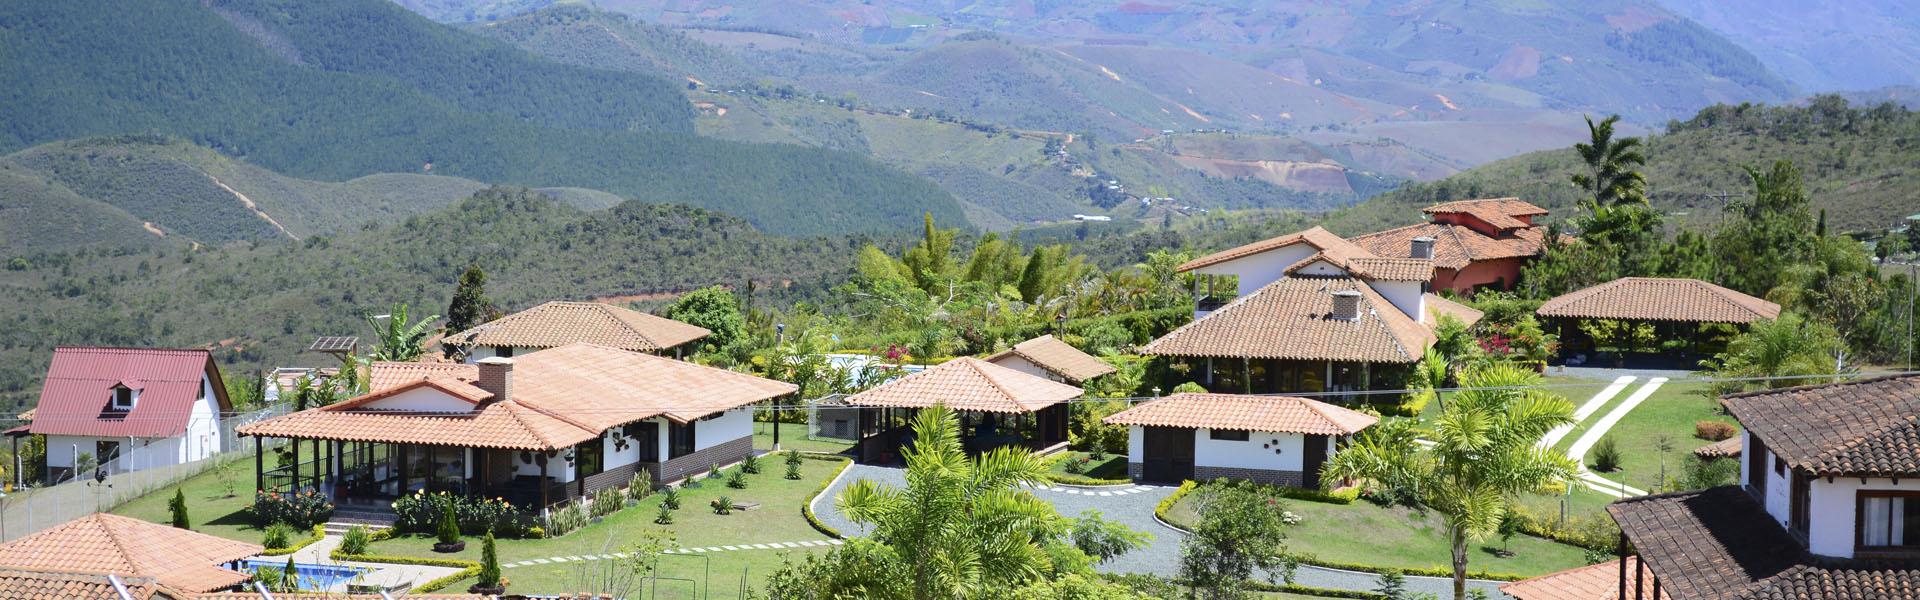 parcelacion-campestre-el-carmelo-casas-dagua-valle-del-cauca